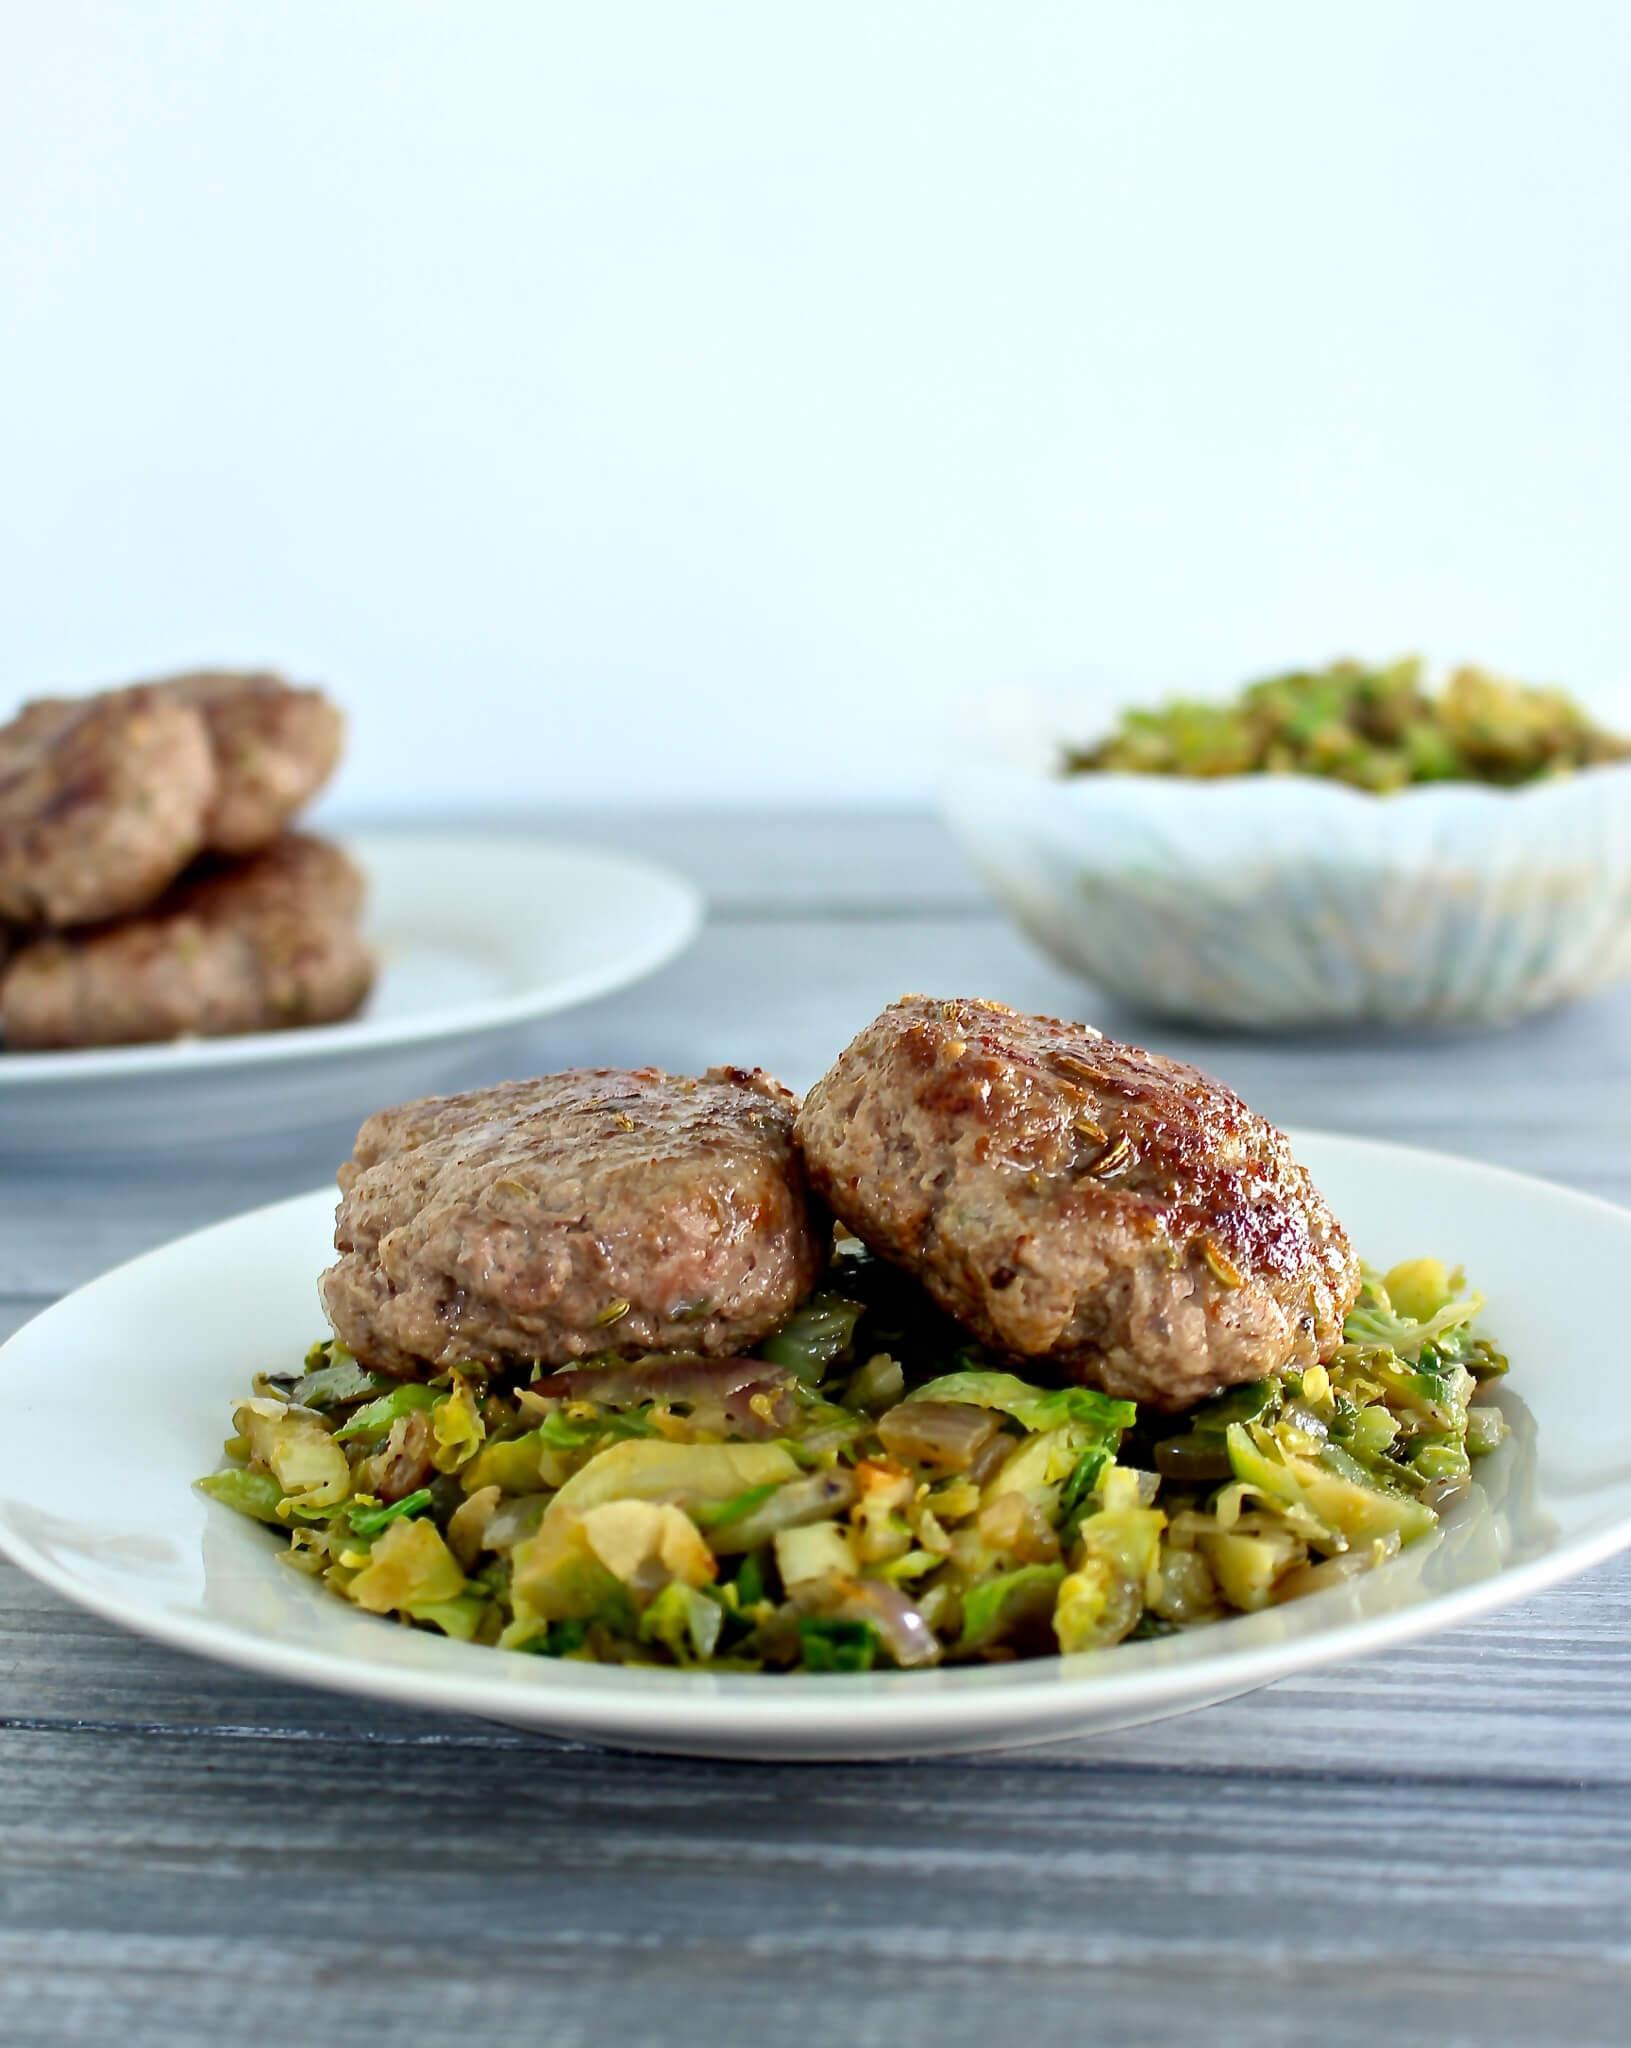 Healthy Breakfast Sausage Recipe  healthy breakfast sausage recipe